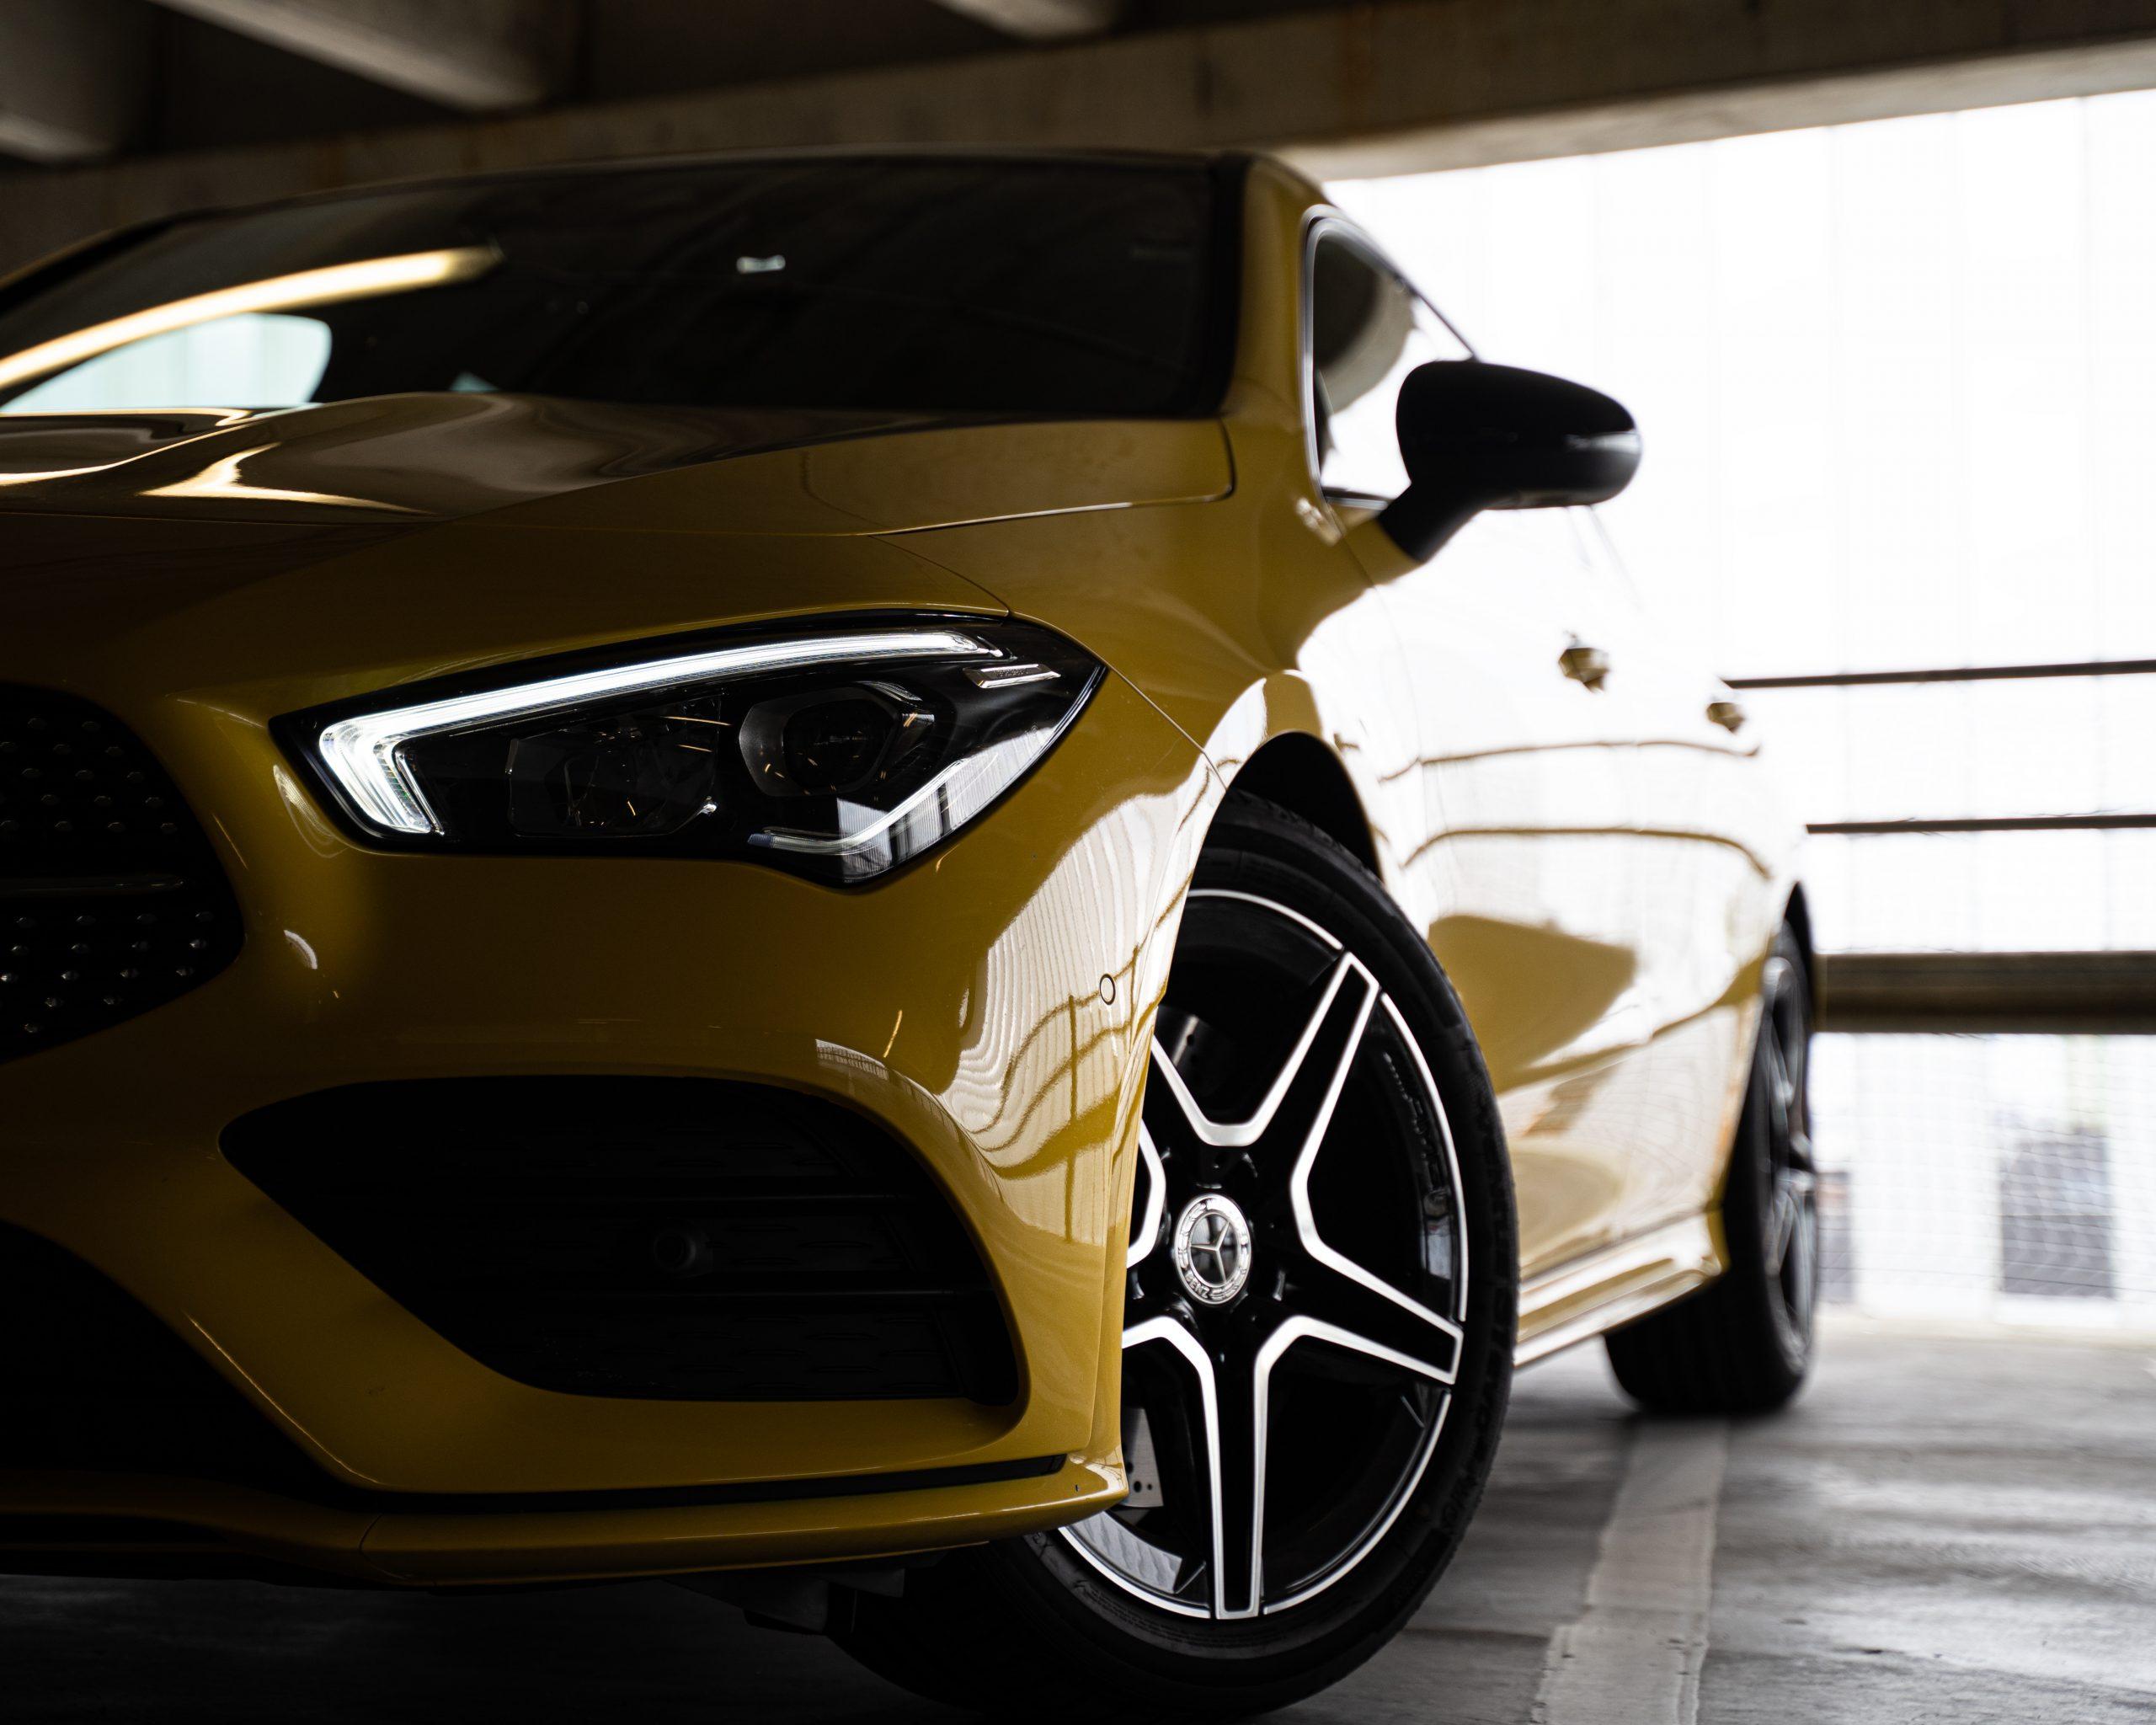 Halv vänster framsida av gul Mercedes Benz CLA220 2020 i ett mörkt parkeringshus med ljus från vänster av bilen.